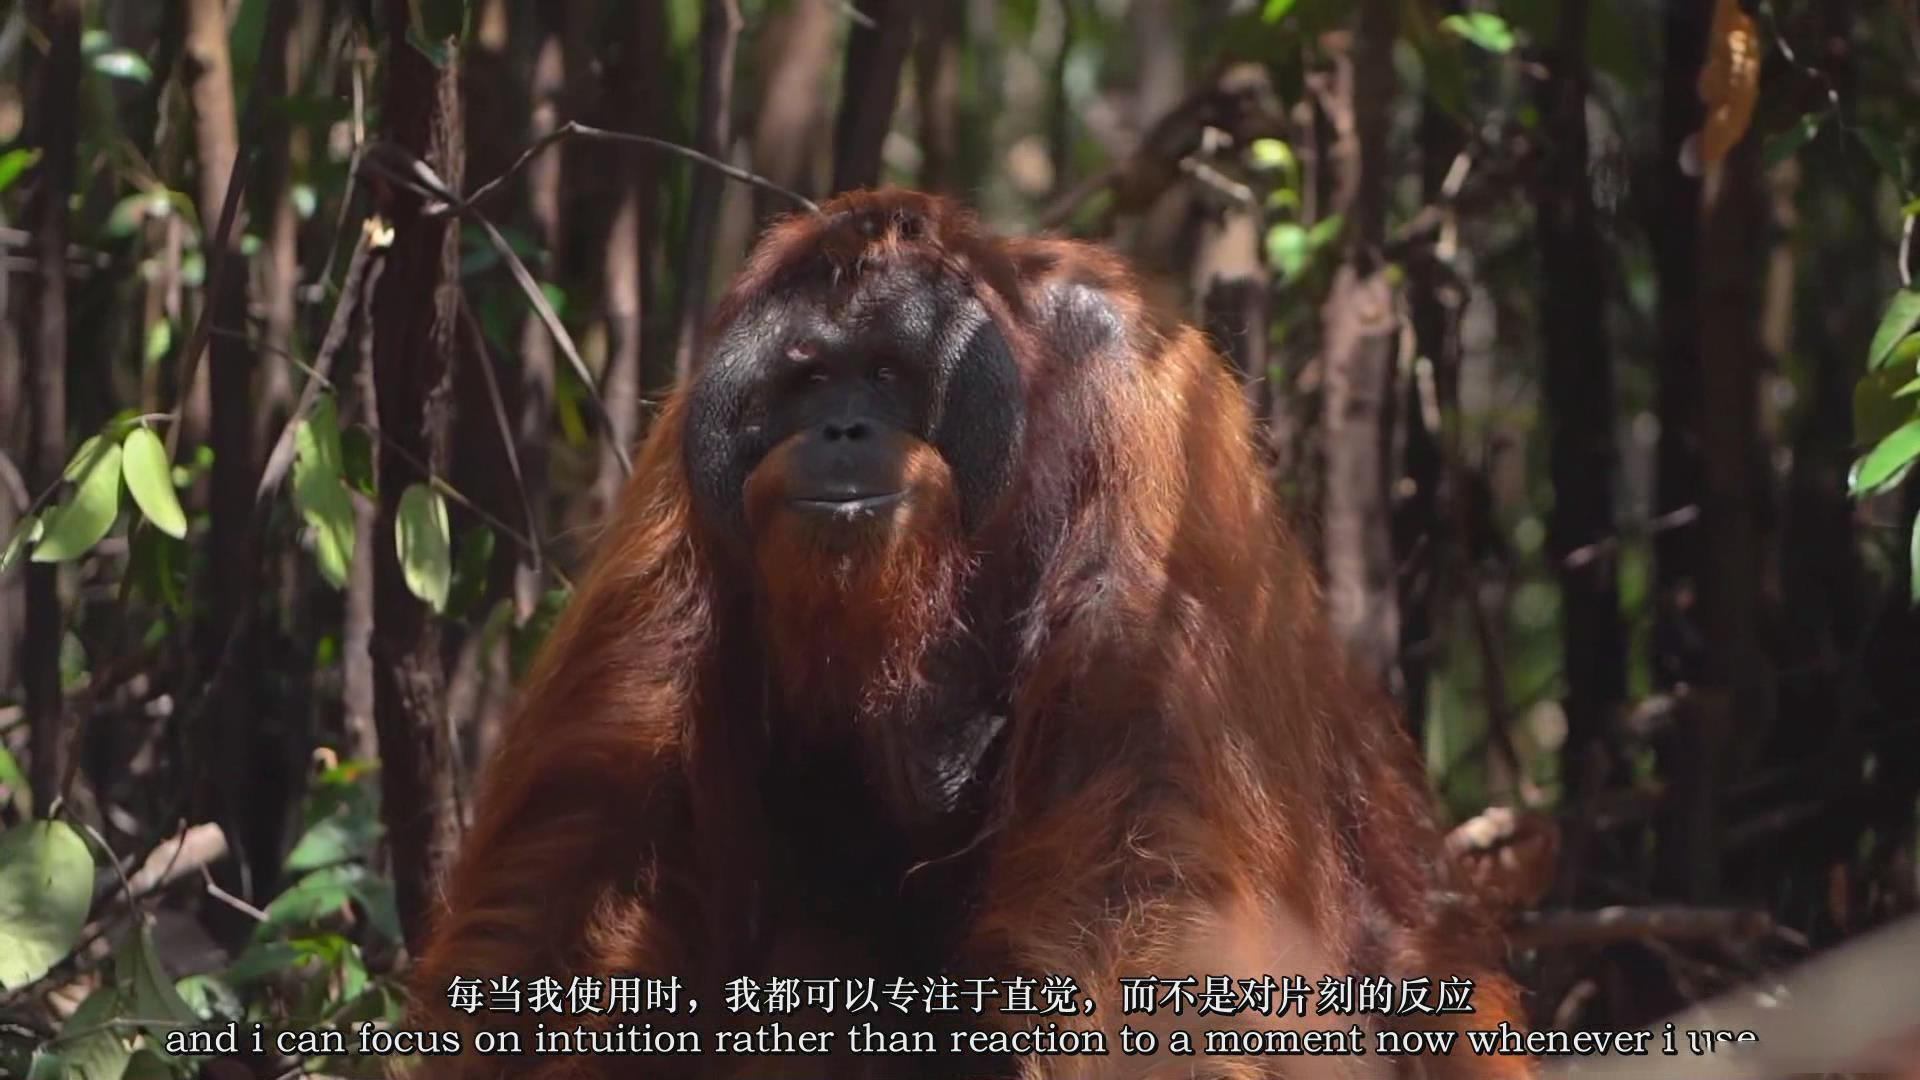 摄影教程_Chase Teron的终极野生动物摄影及后期套装教程附RAW素材-中英字幕 摄影教程 _预览图9